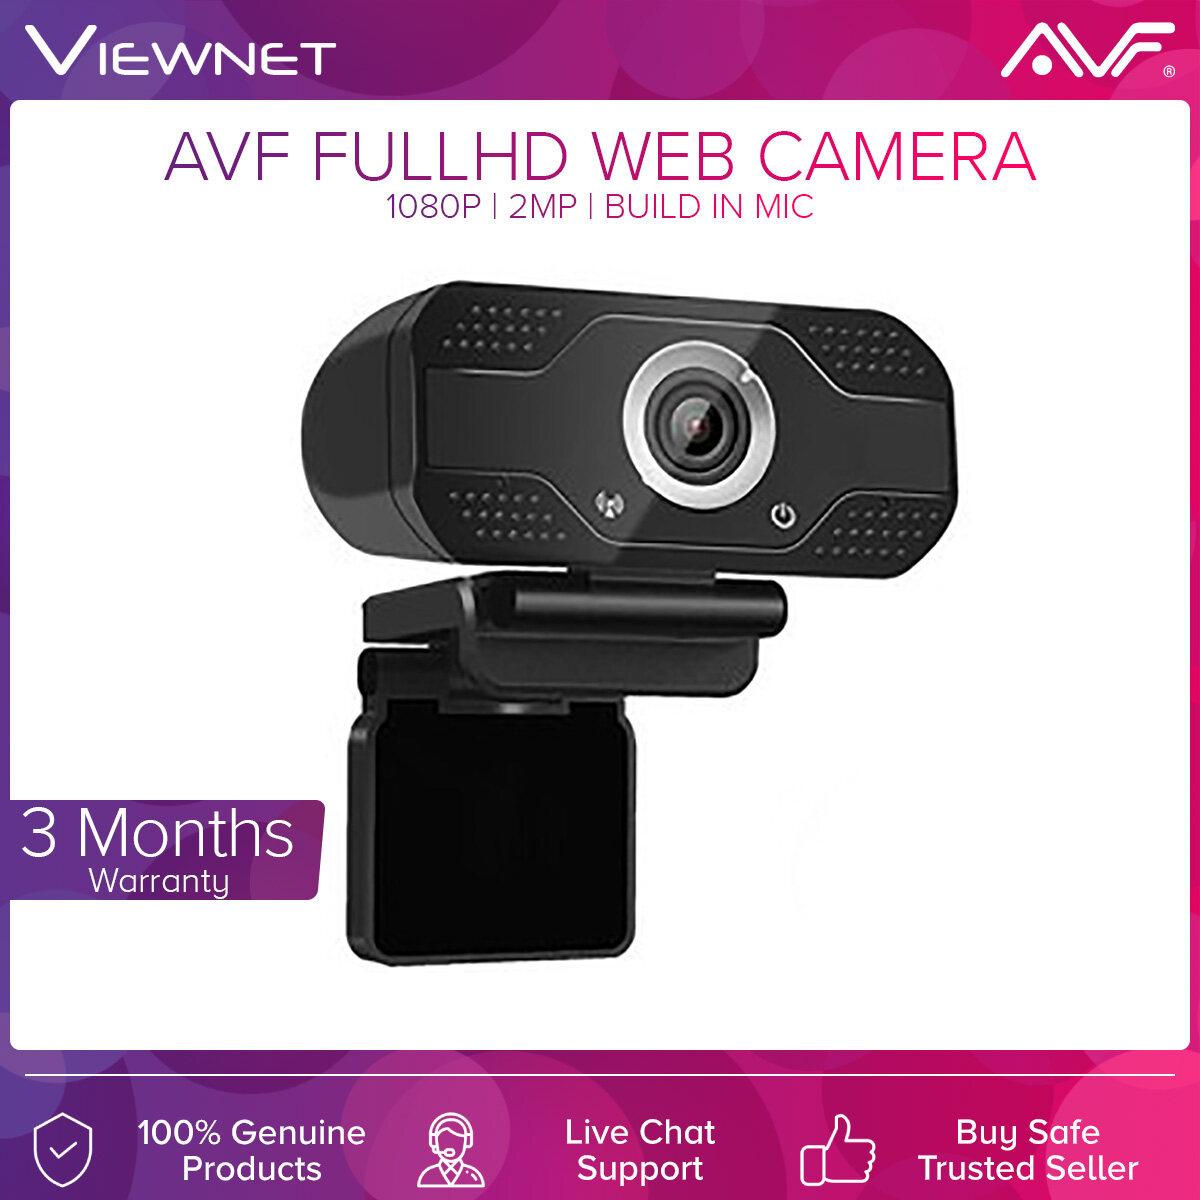 Avf Web Camera Webcam 2MP 1080P Full HD Built -In microphone